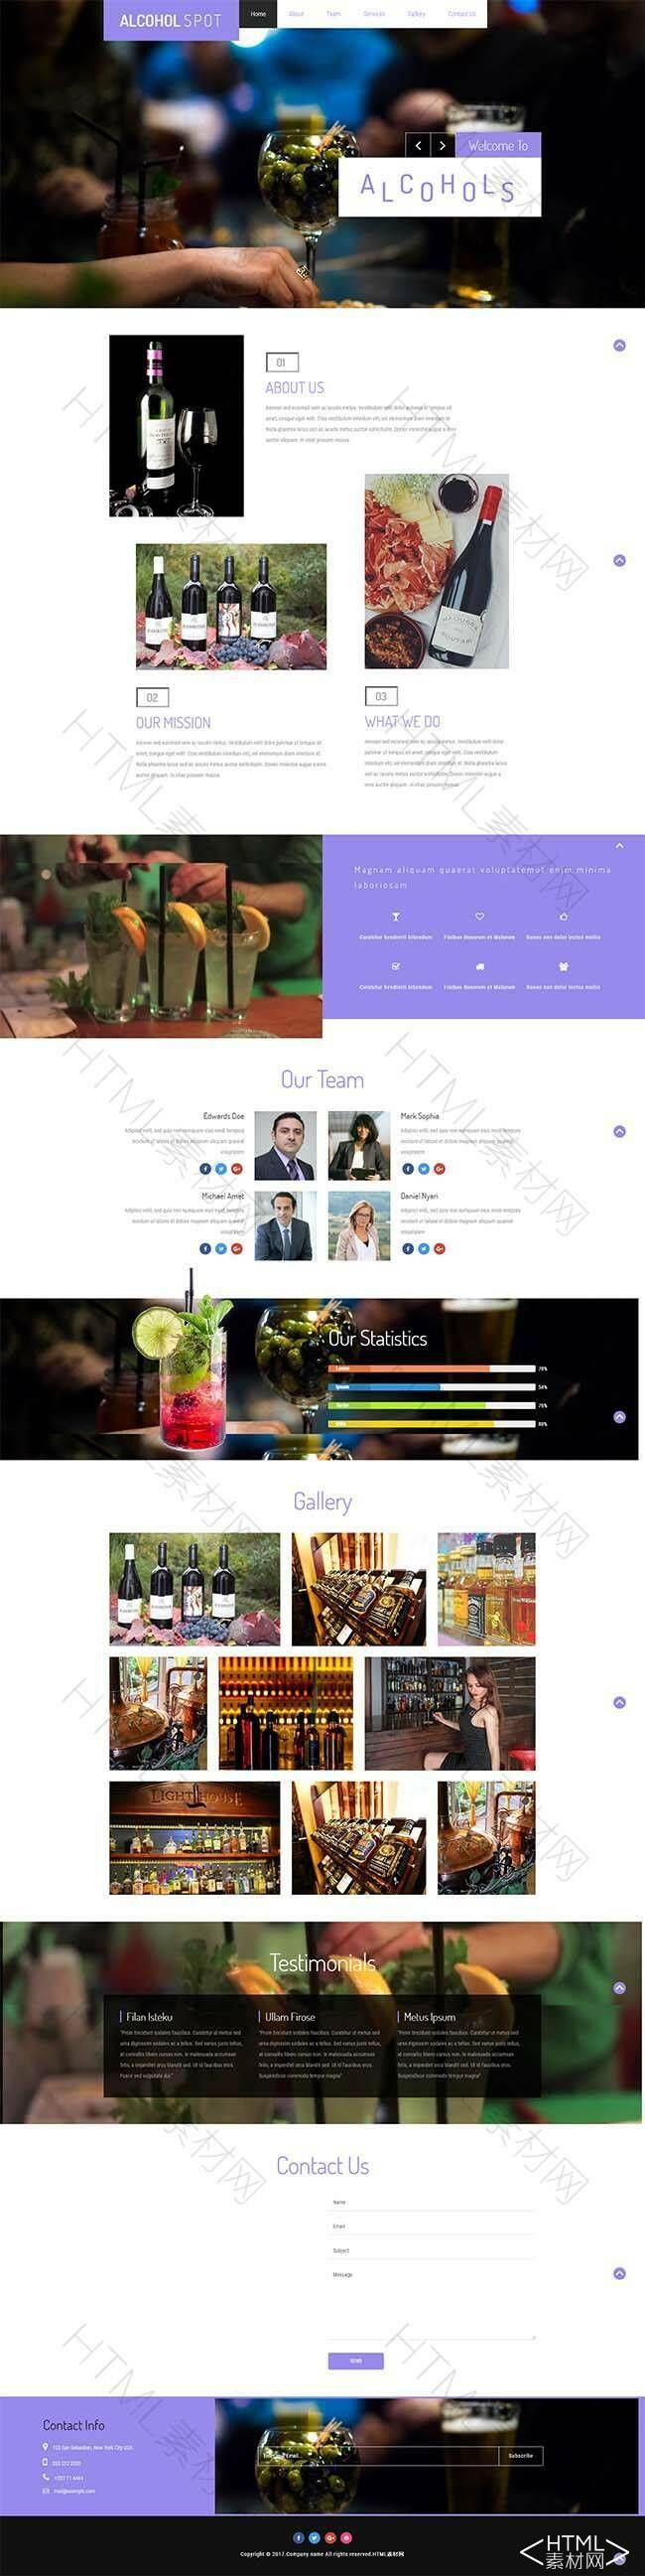 红酒,酒文化制酒公司网站模板下载.jpg